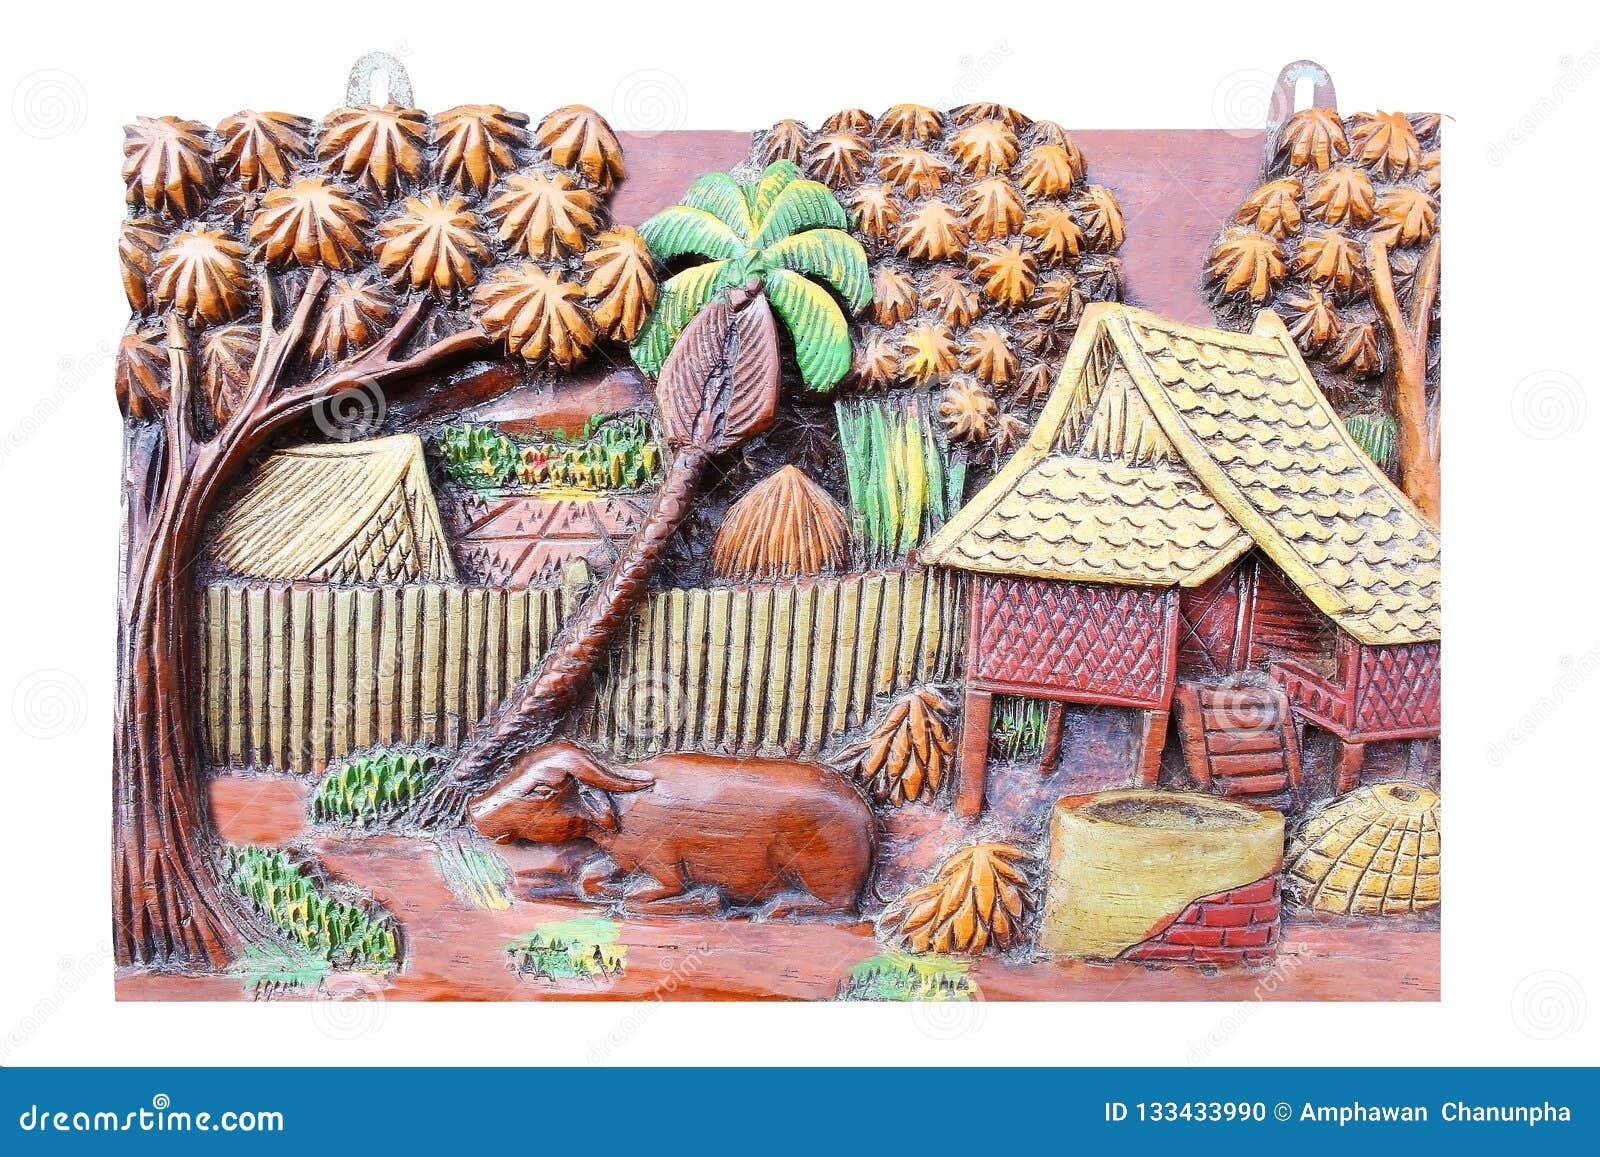 Oud met de hand gemaakt houtsnijwerkkader van Thaise levensstijl in het verleden,